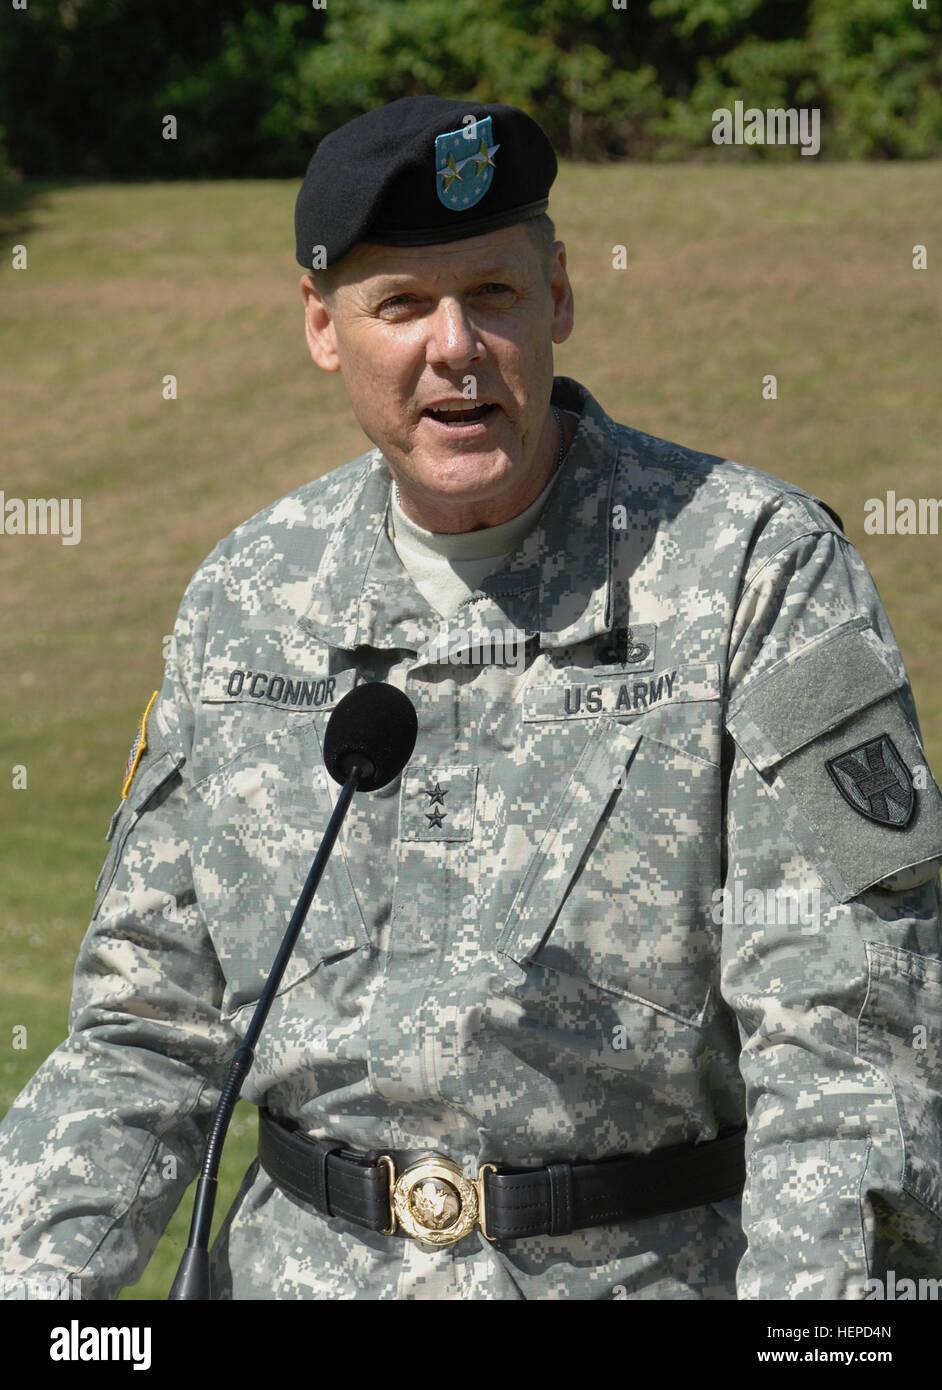 Gral. Gen. John R. O'Connor, Teatro 21 Logística General Comandante del Comando, pero no tenían nada Imagen De Stock